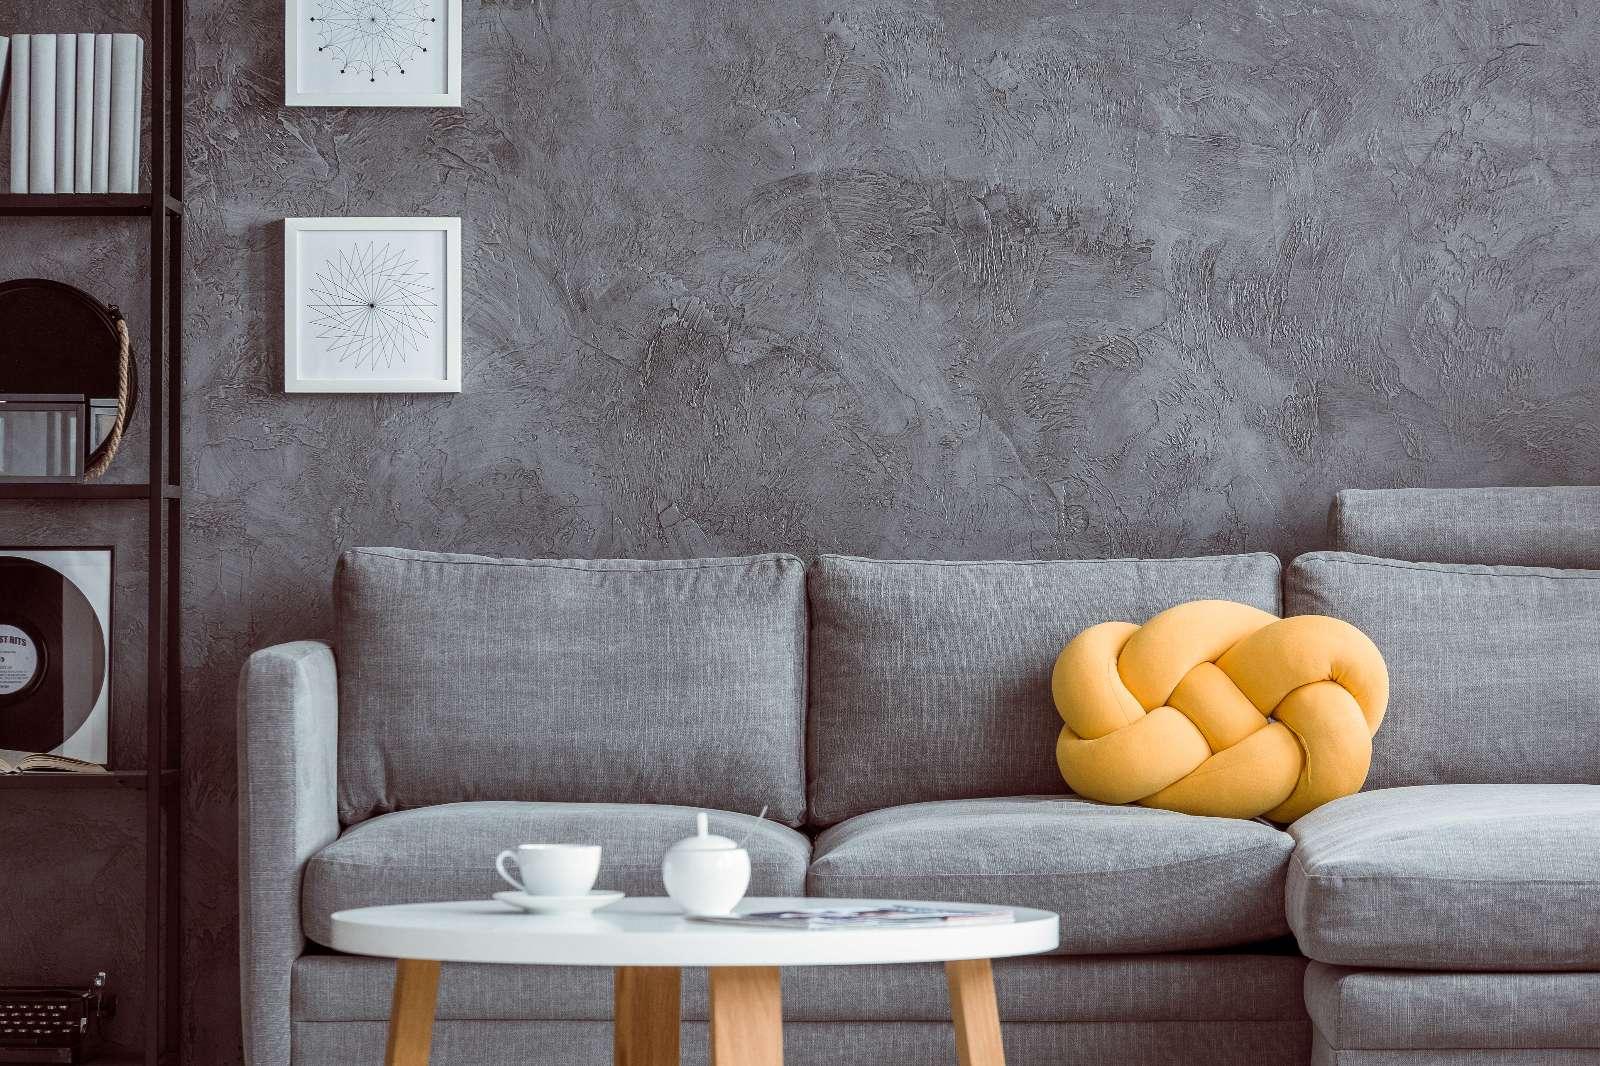 Die Wischtechnik als Methode der Wandgestaltung